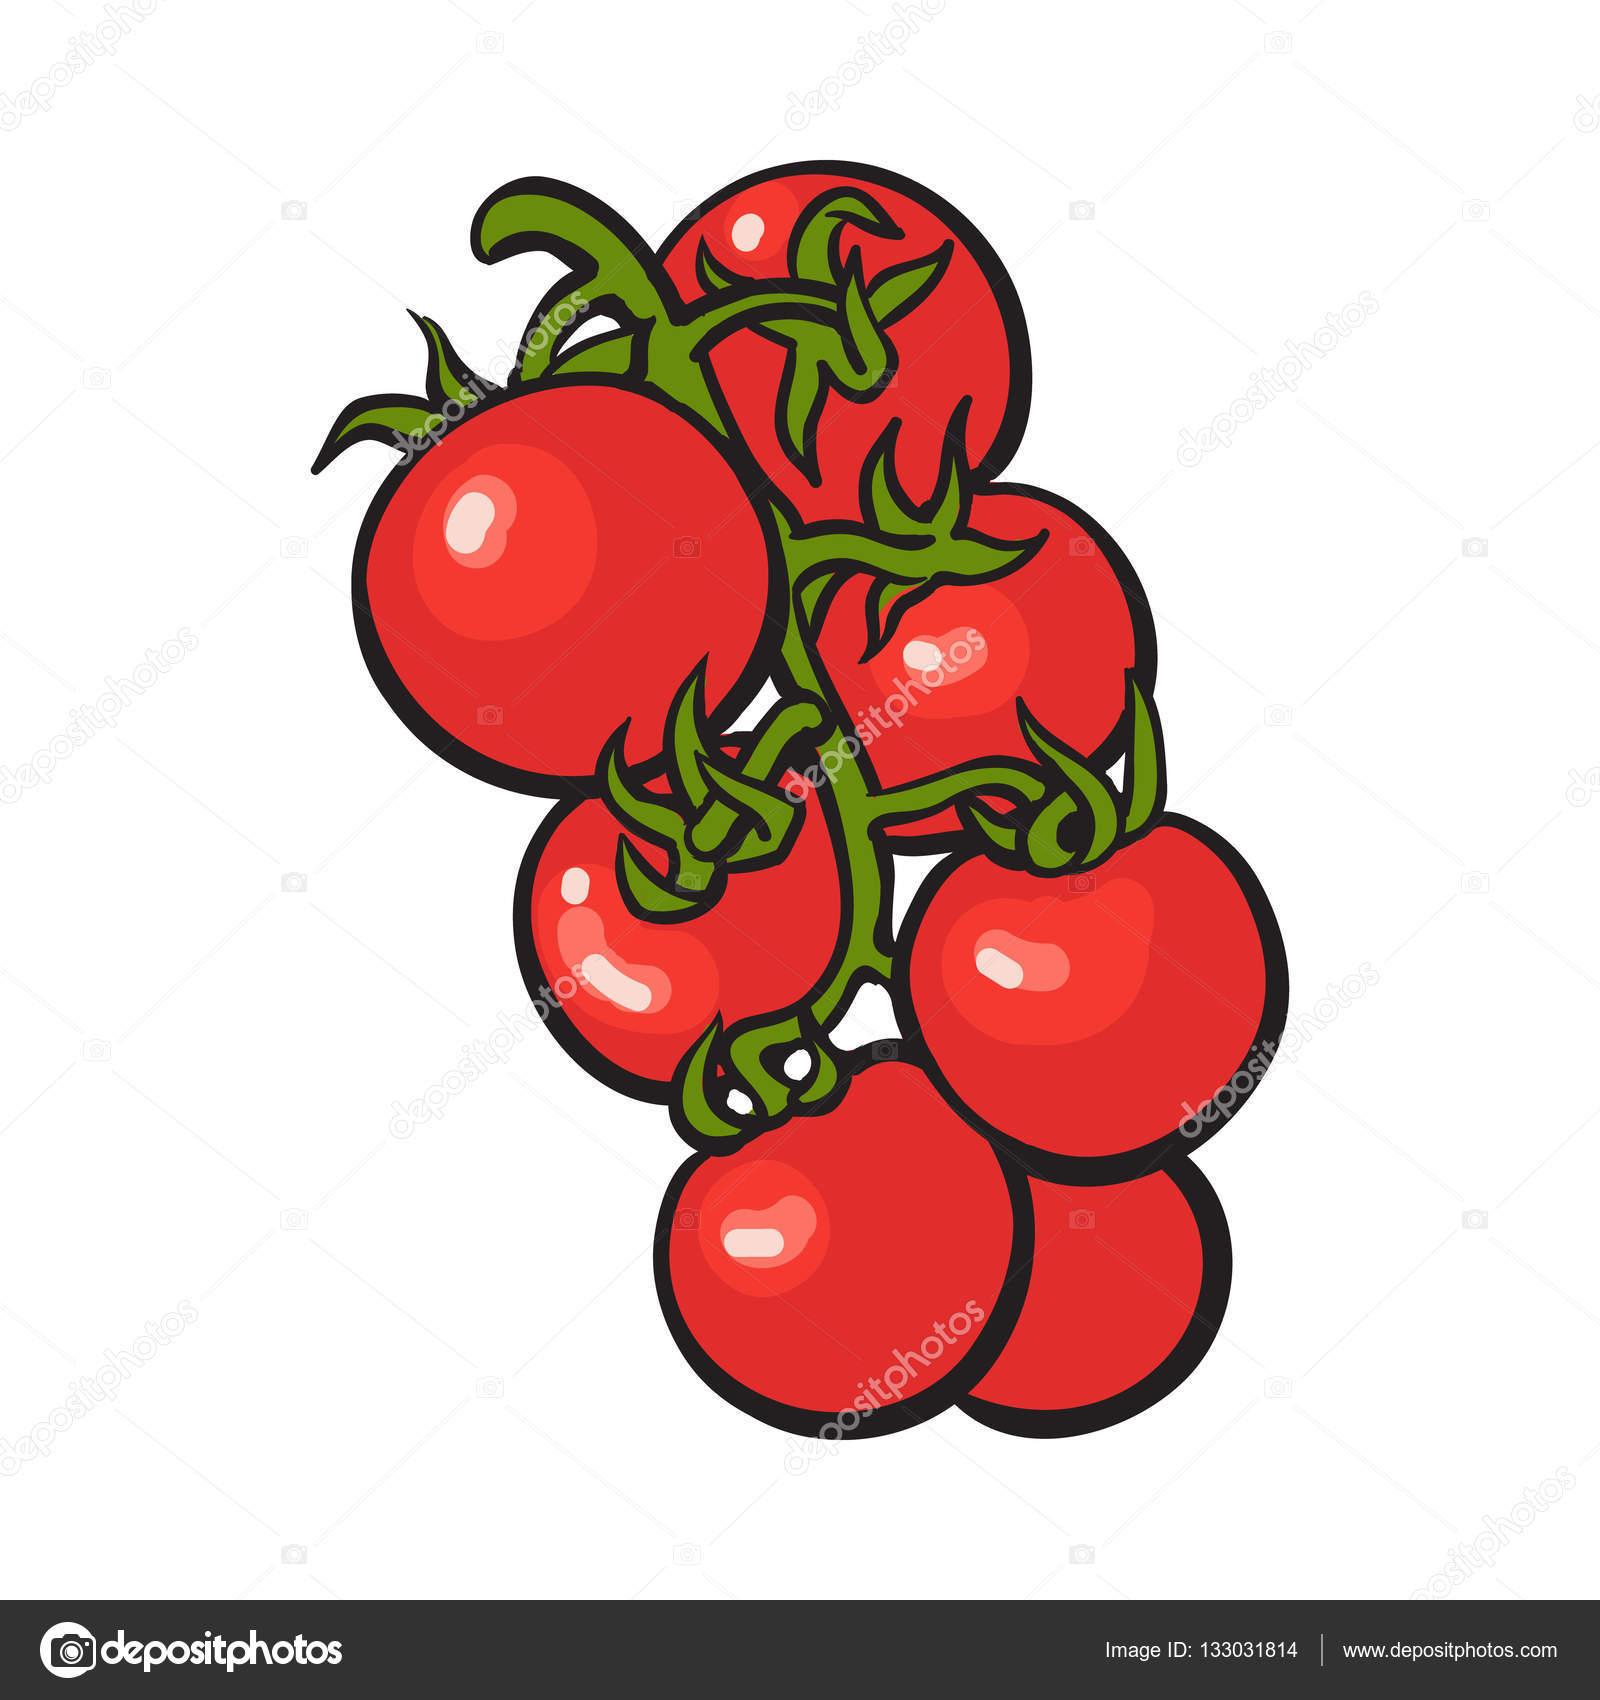 Stile di schizzo di disegno di pomodori ciliegia maturi lucidi rossi vettoriali stock - Dessin de tomate ...